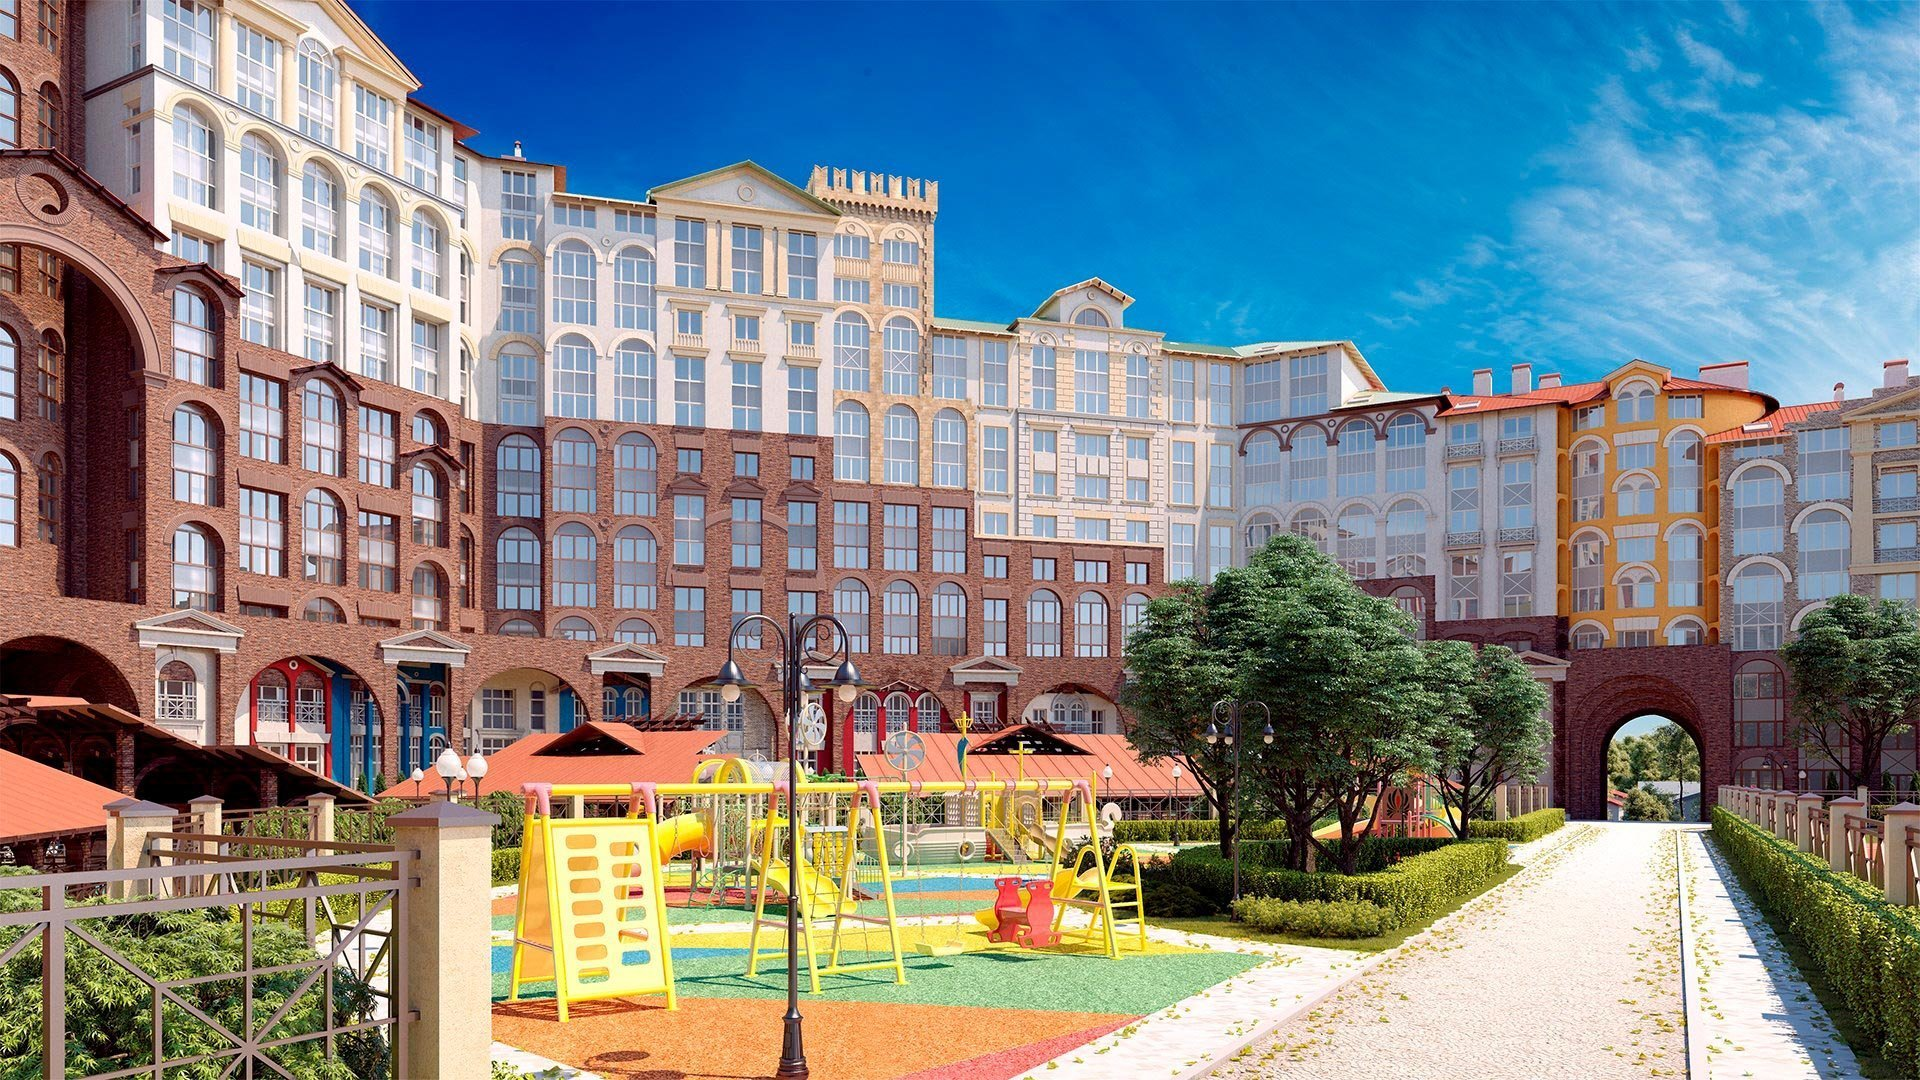 ЖК Римский UP- квартал - официальный сайт на Ongrad rimsky.ongrad.ru